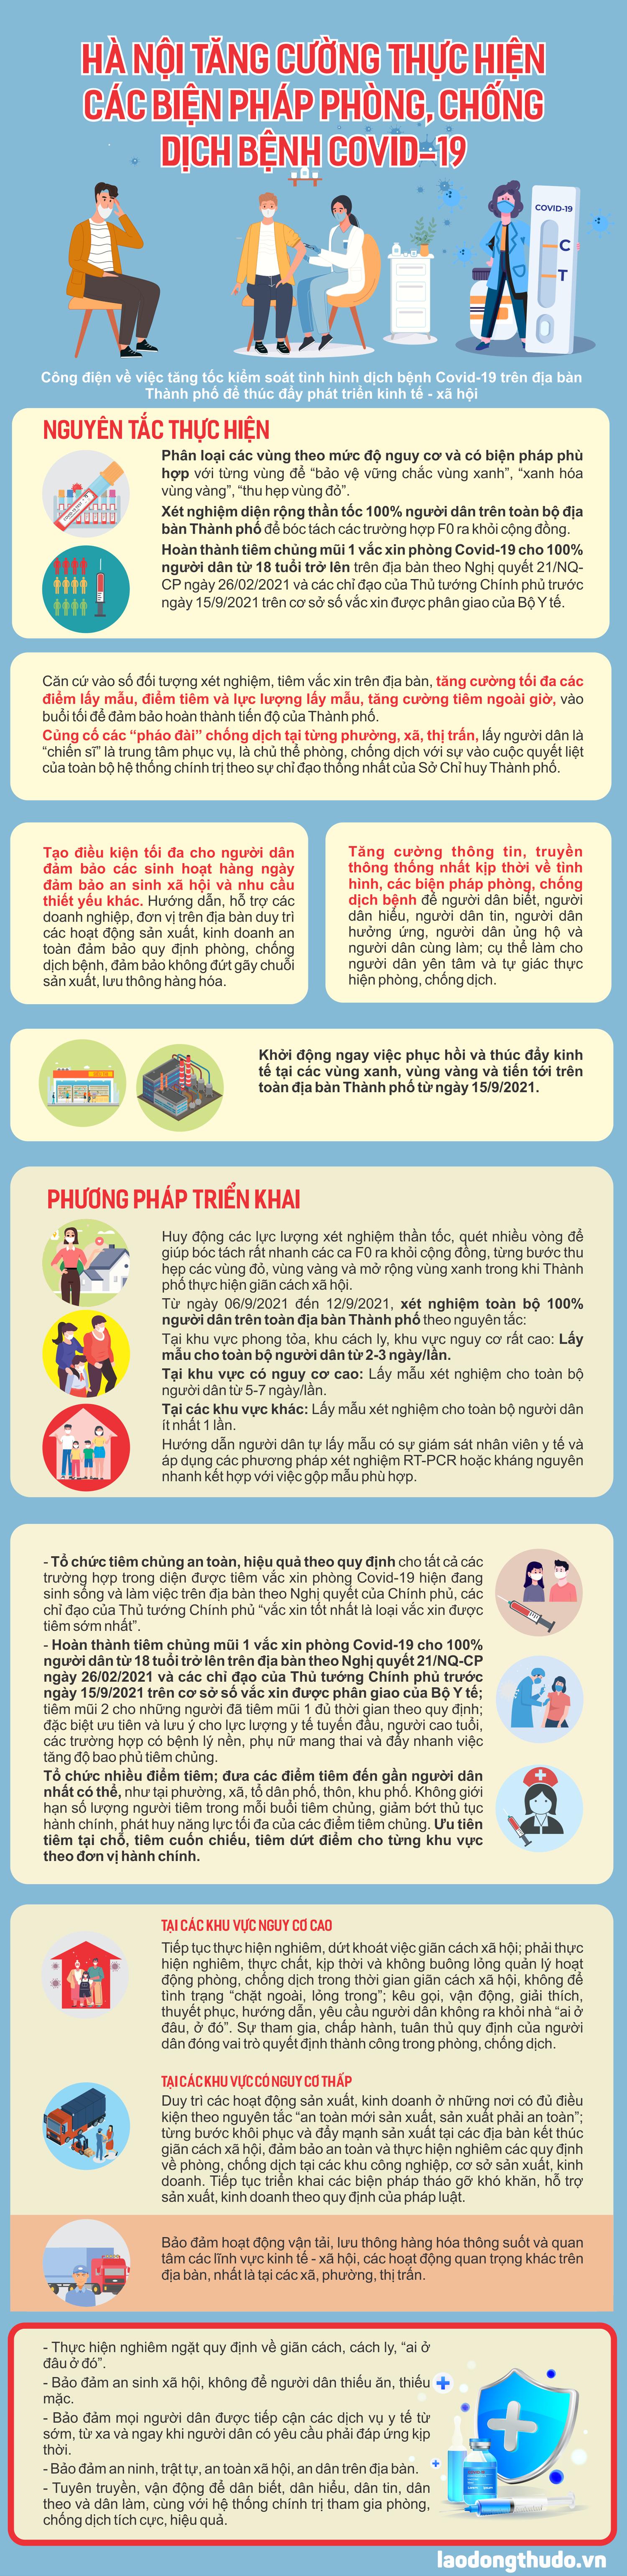 Infographic: Hà Nội tăng cường thực hiện các biện pháp phòng, chống dịch bệnh Covid-19